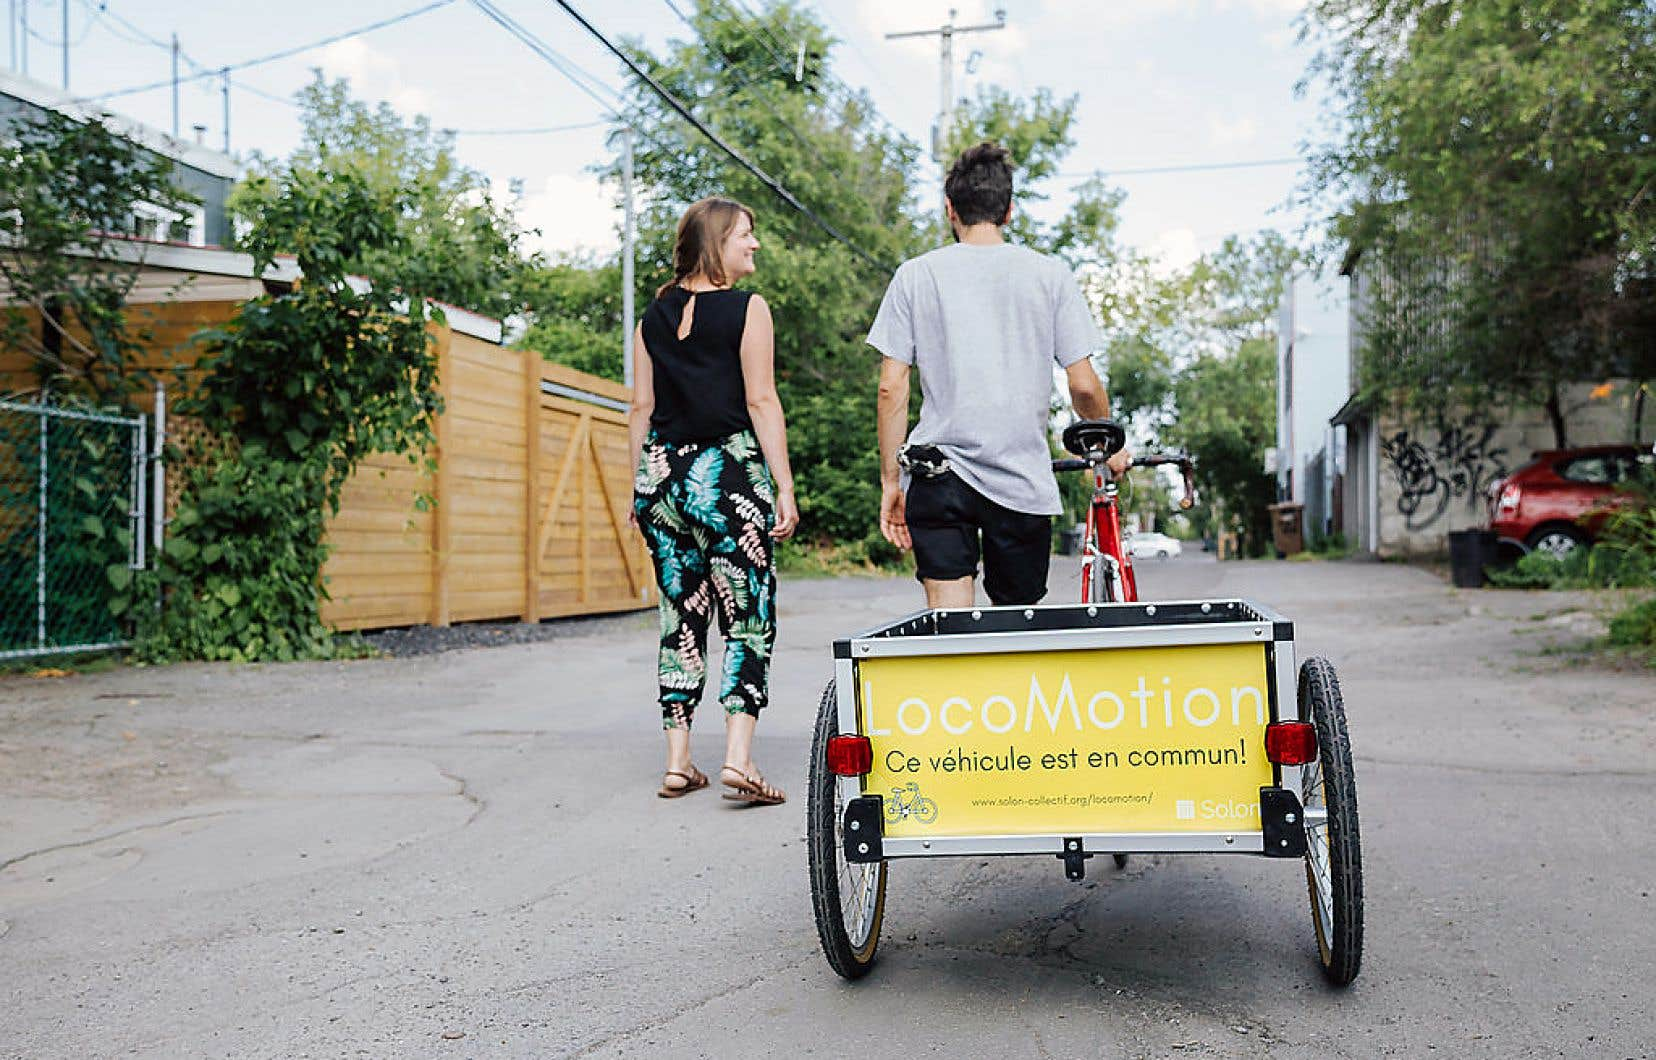 LocoMotion permet le partage de remorques pour vélo qui peuvent être décadenassées par les participants à l'aide d'une application mobile.